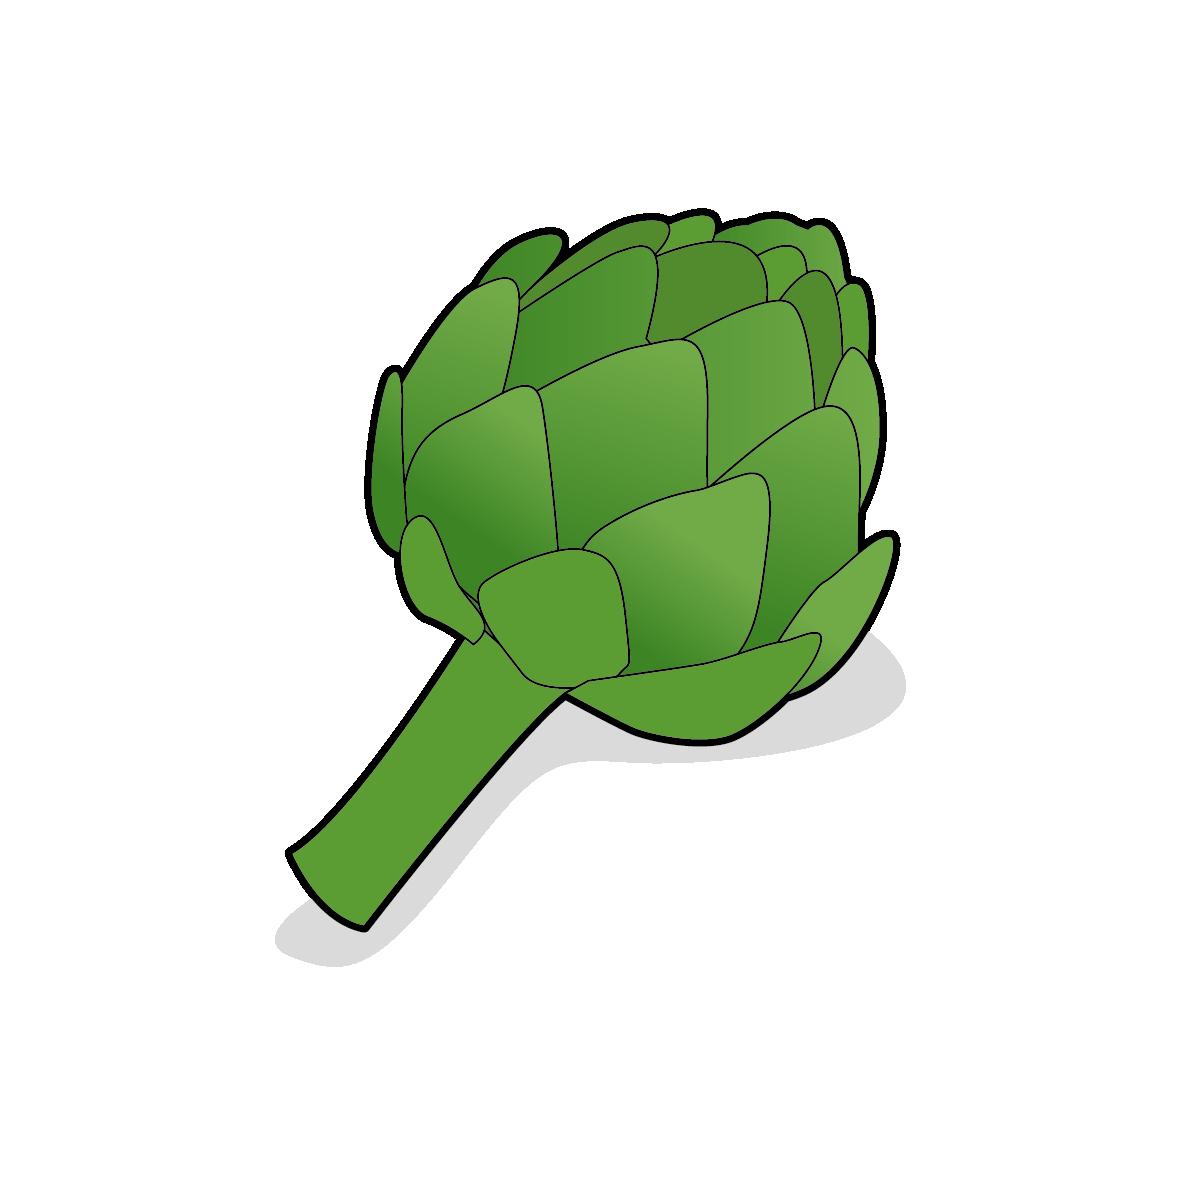 Icone d'un artichaut, ailmacocotte.com